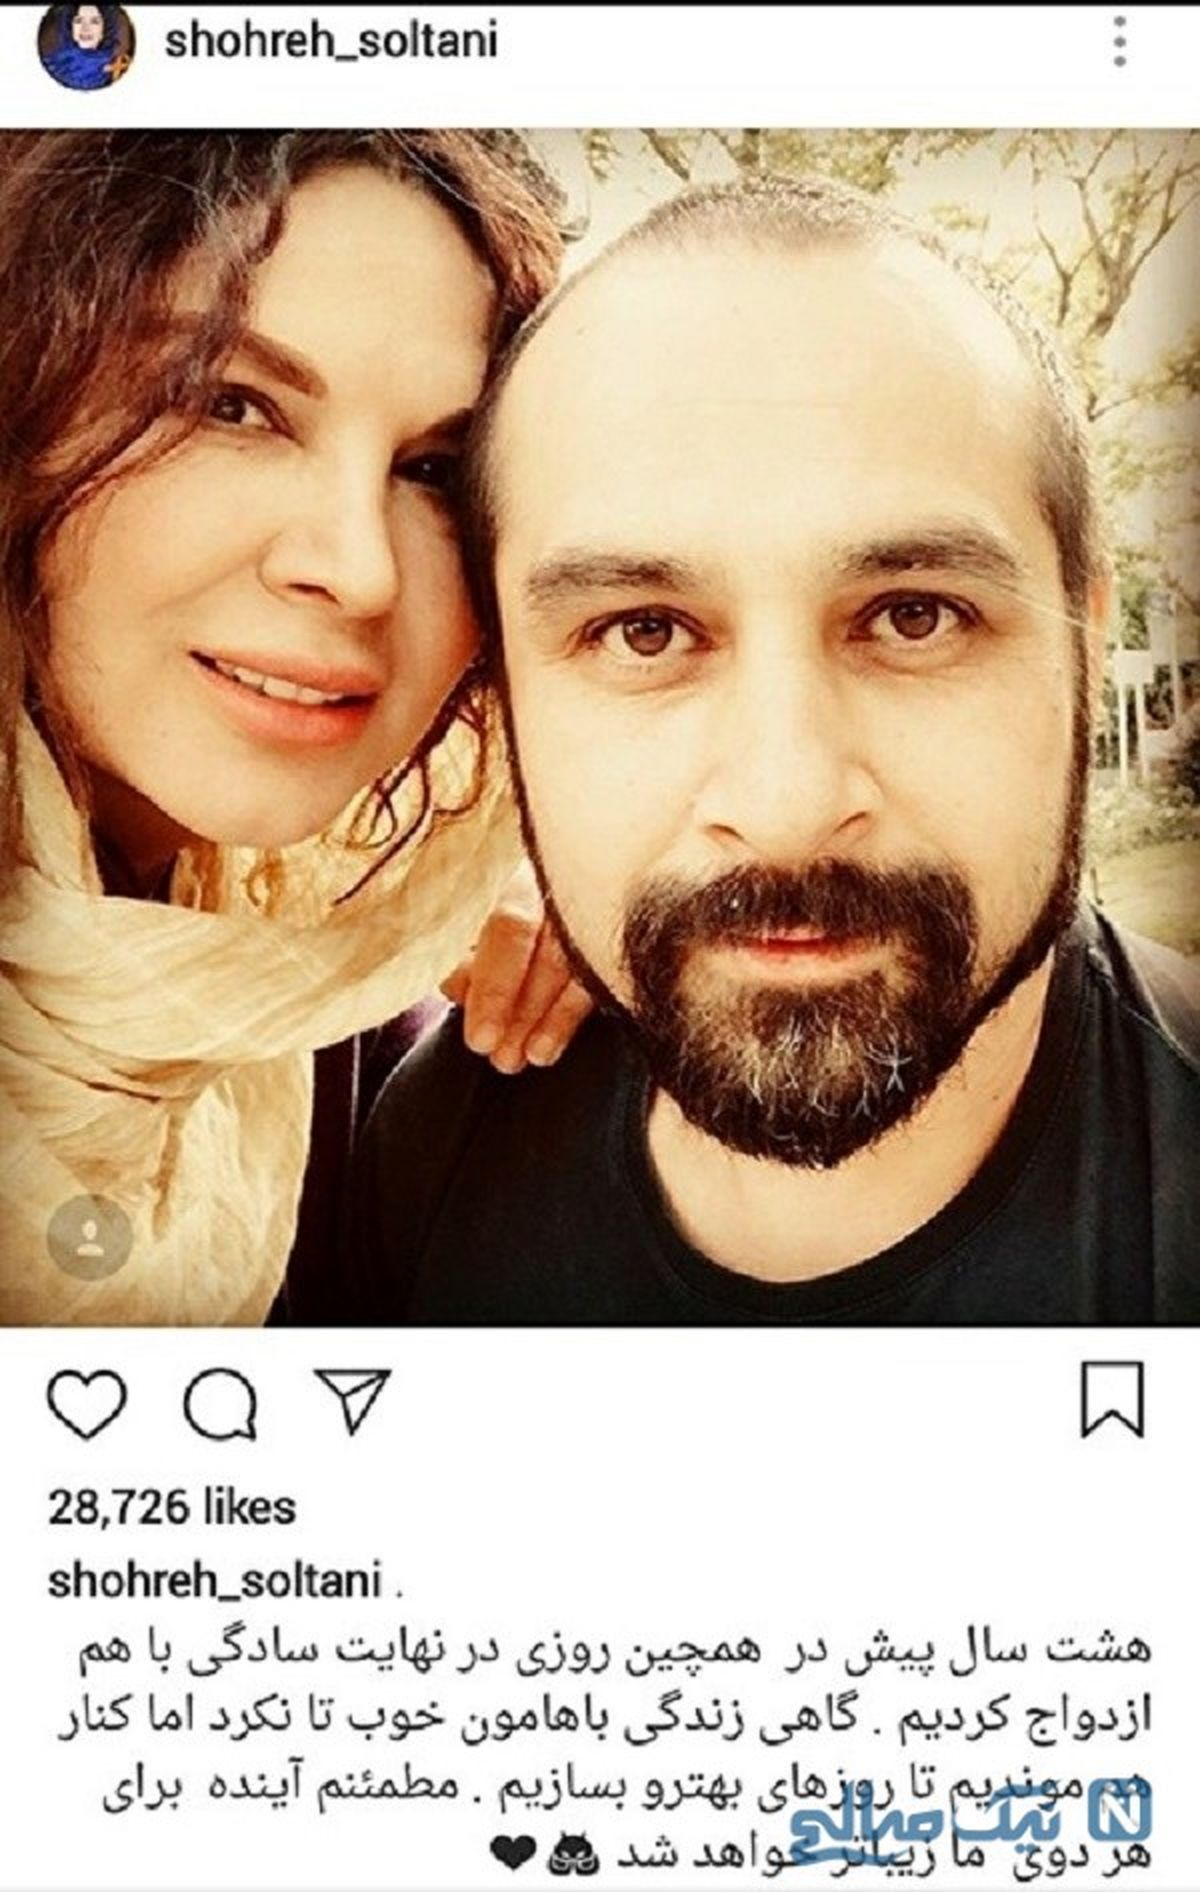 شهره سلطانی در آغوش یک مرد+ عکس